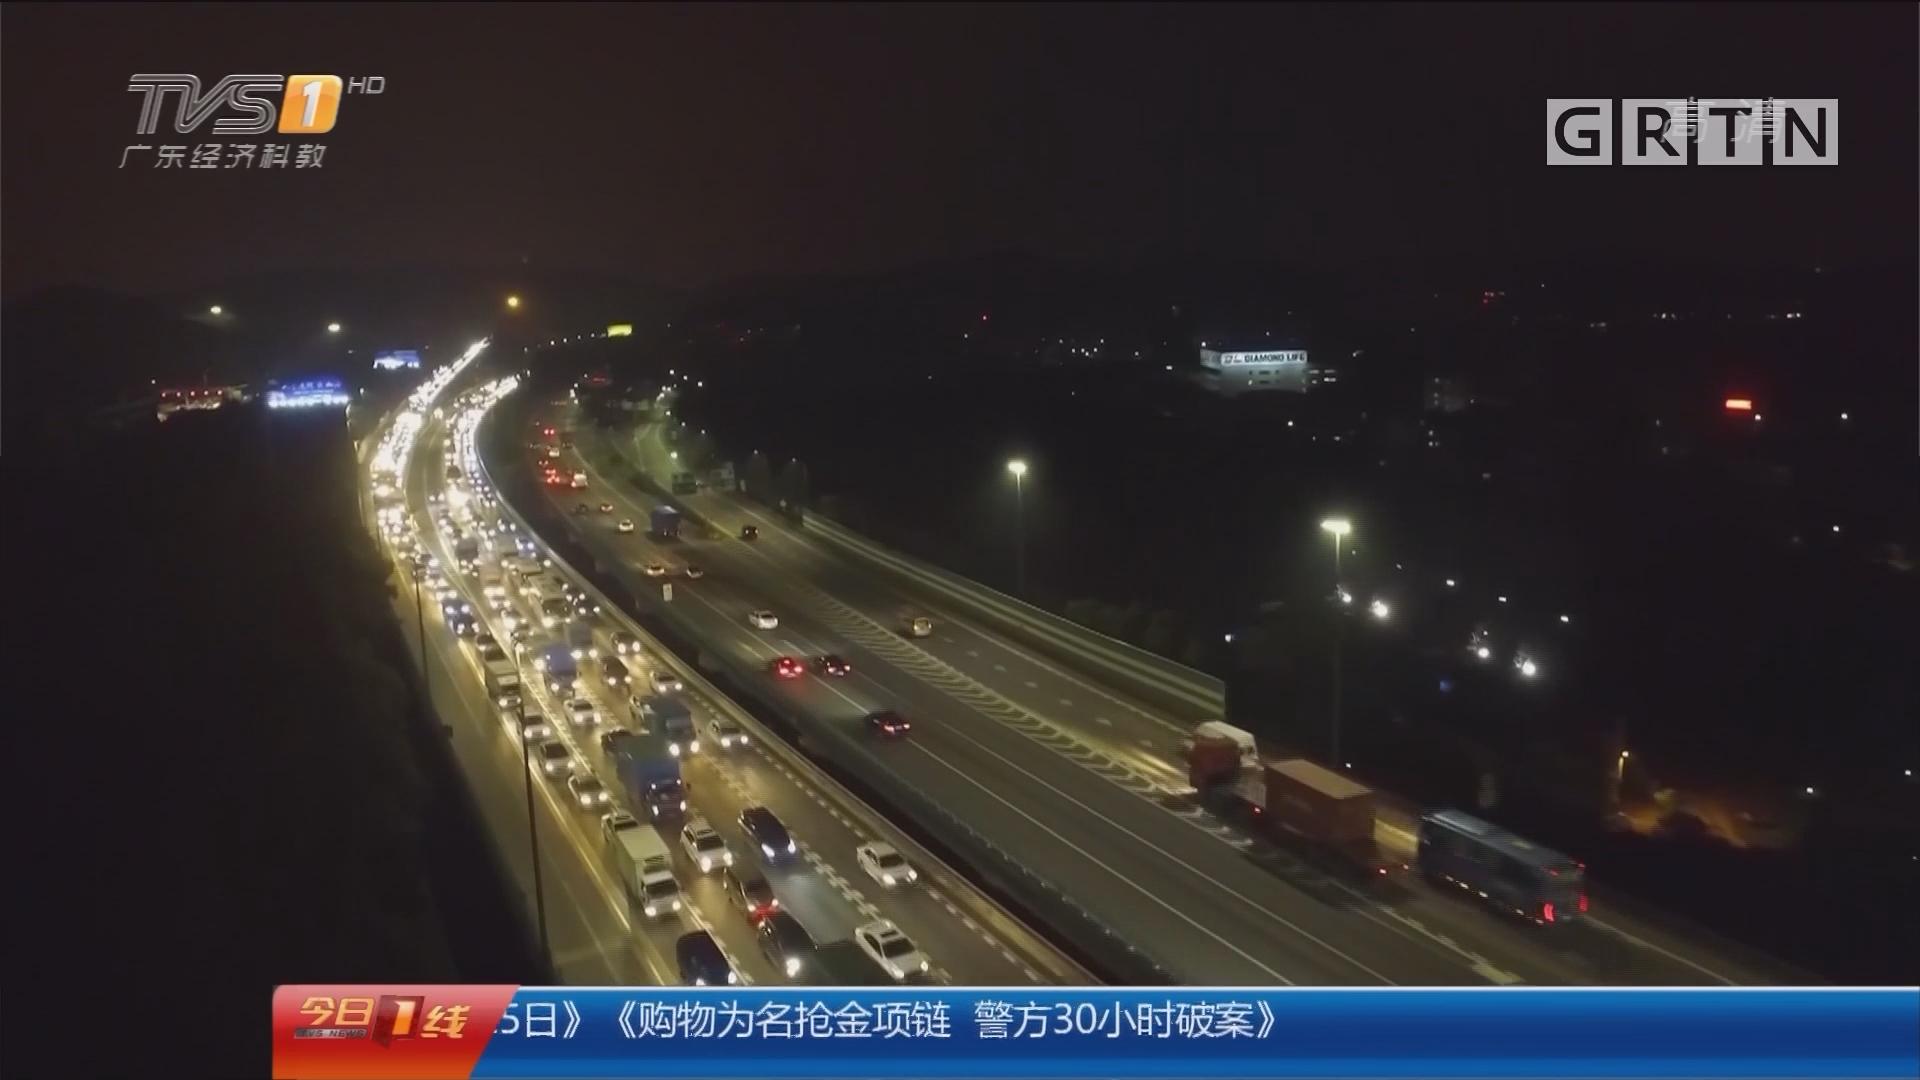 五一假期出行高峰:虎门大桥 虎门大桥车流量增多 开始拥堵